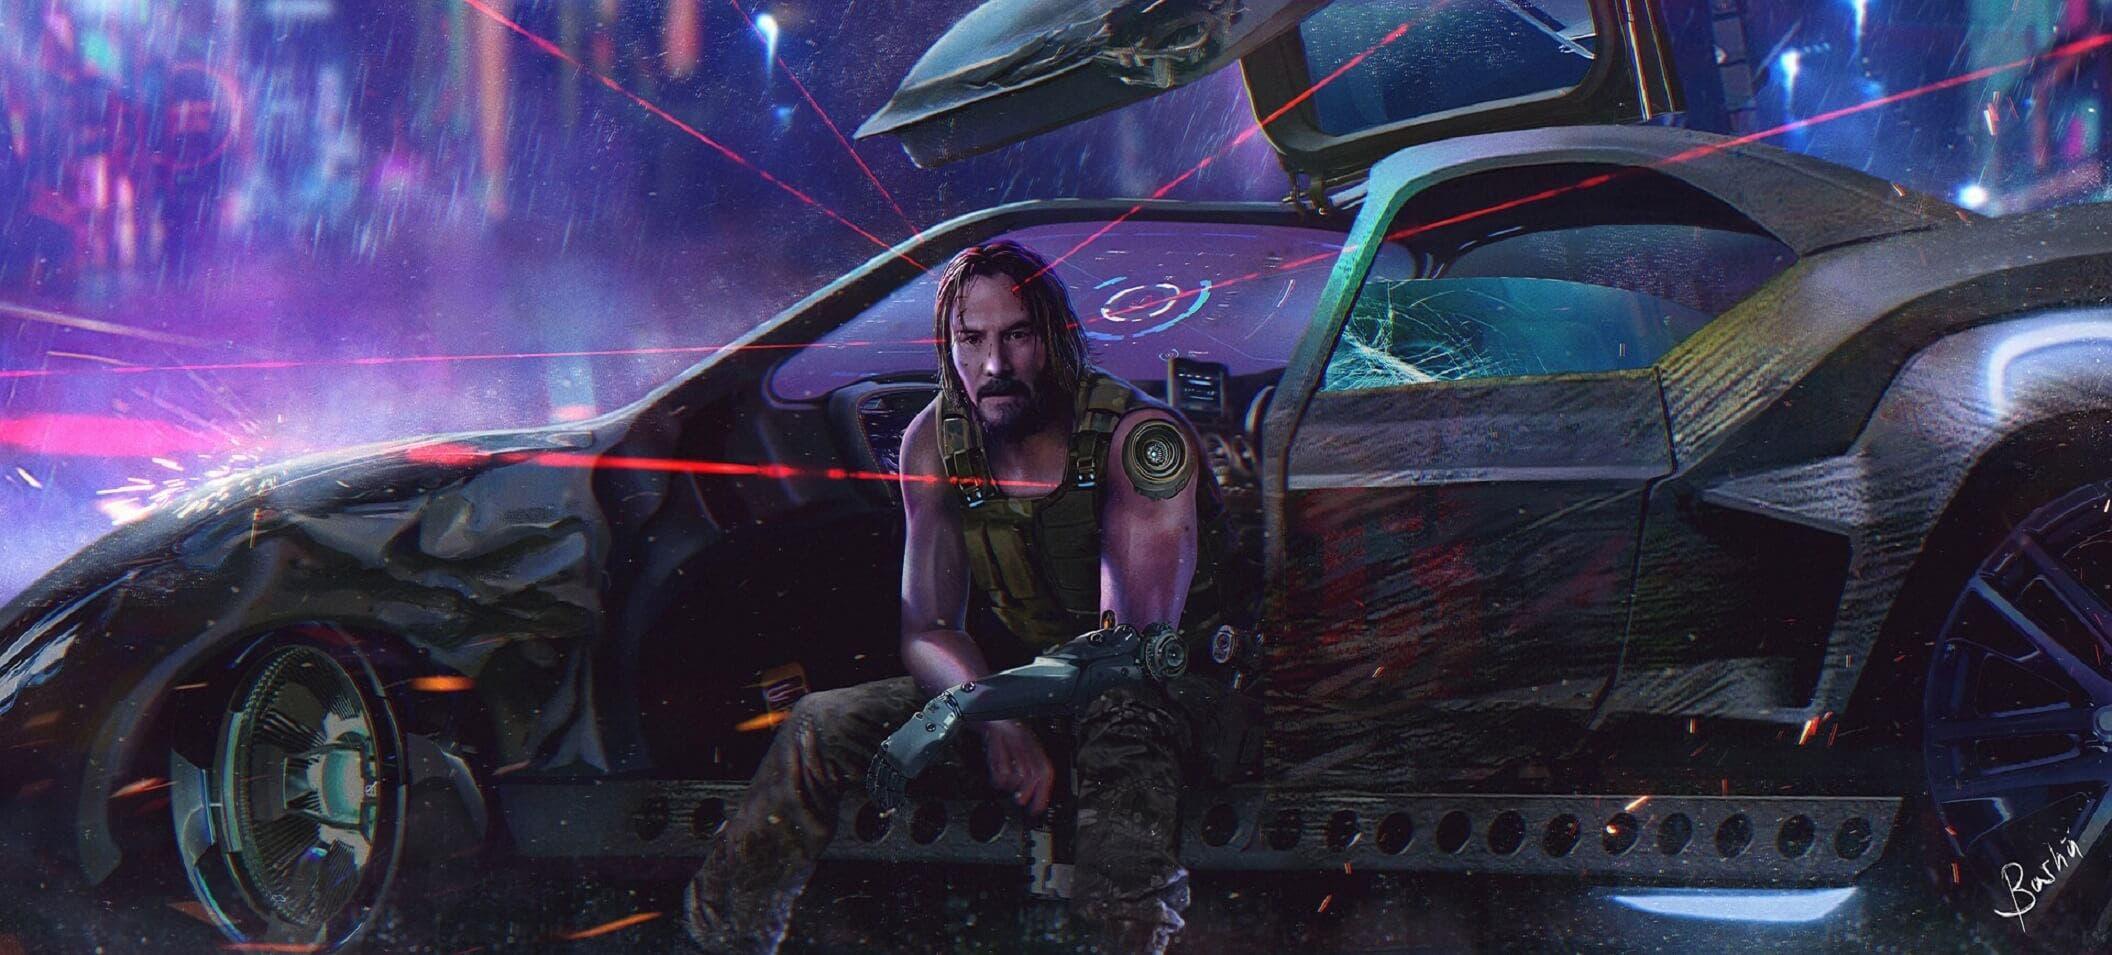 Un nuevo estudio se une al desarrollo final de Cyberpunk 2077